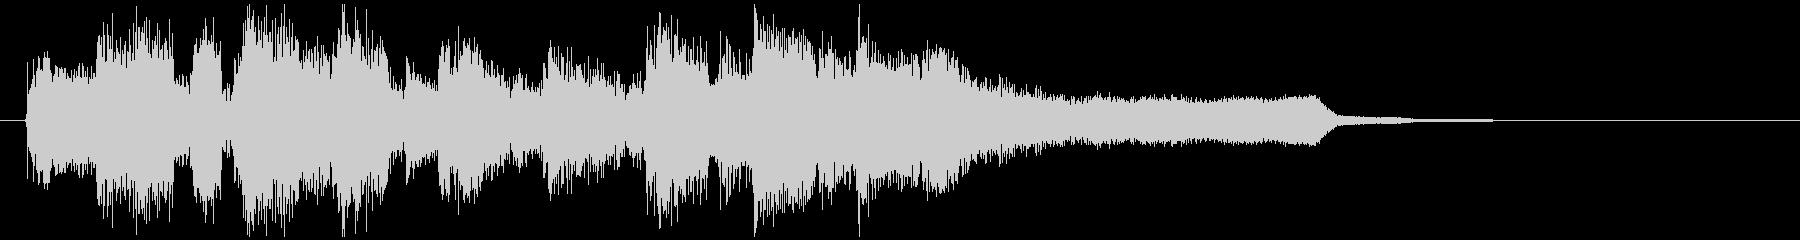 ミディアムテンポのジャズ、サックスのロゴの未再生の波形